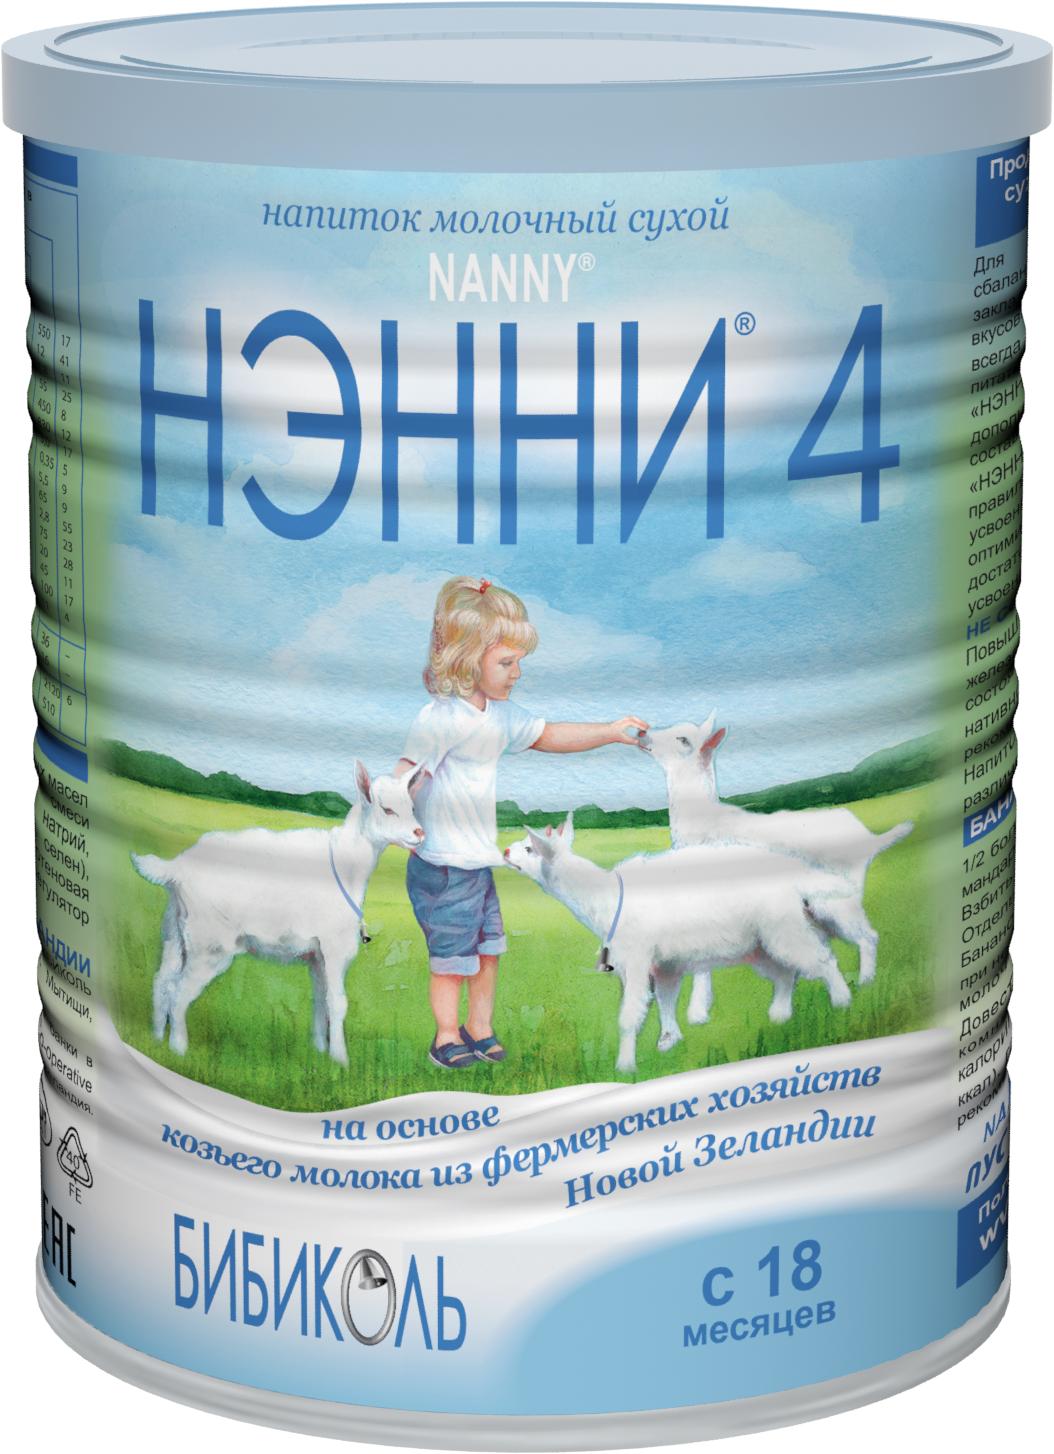 Смесь нэнни на основе козьего молока - обзор, преимущества